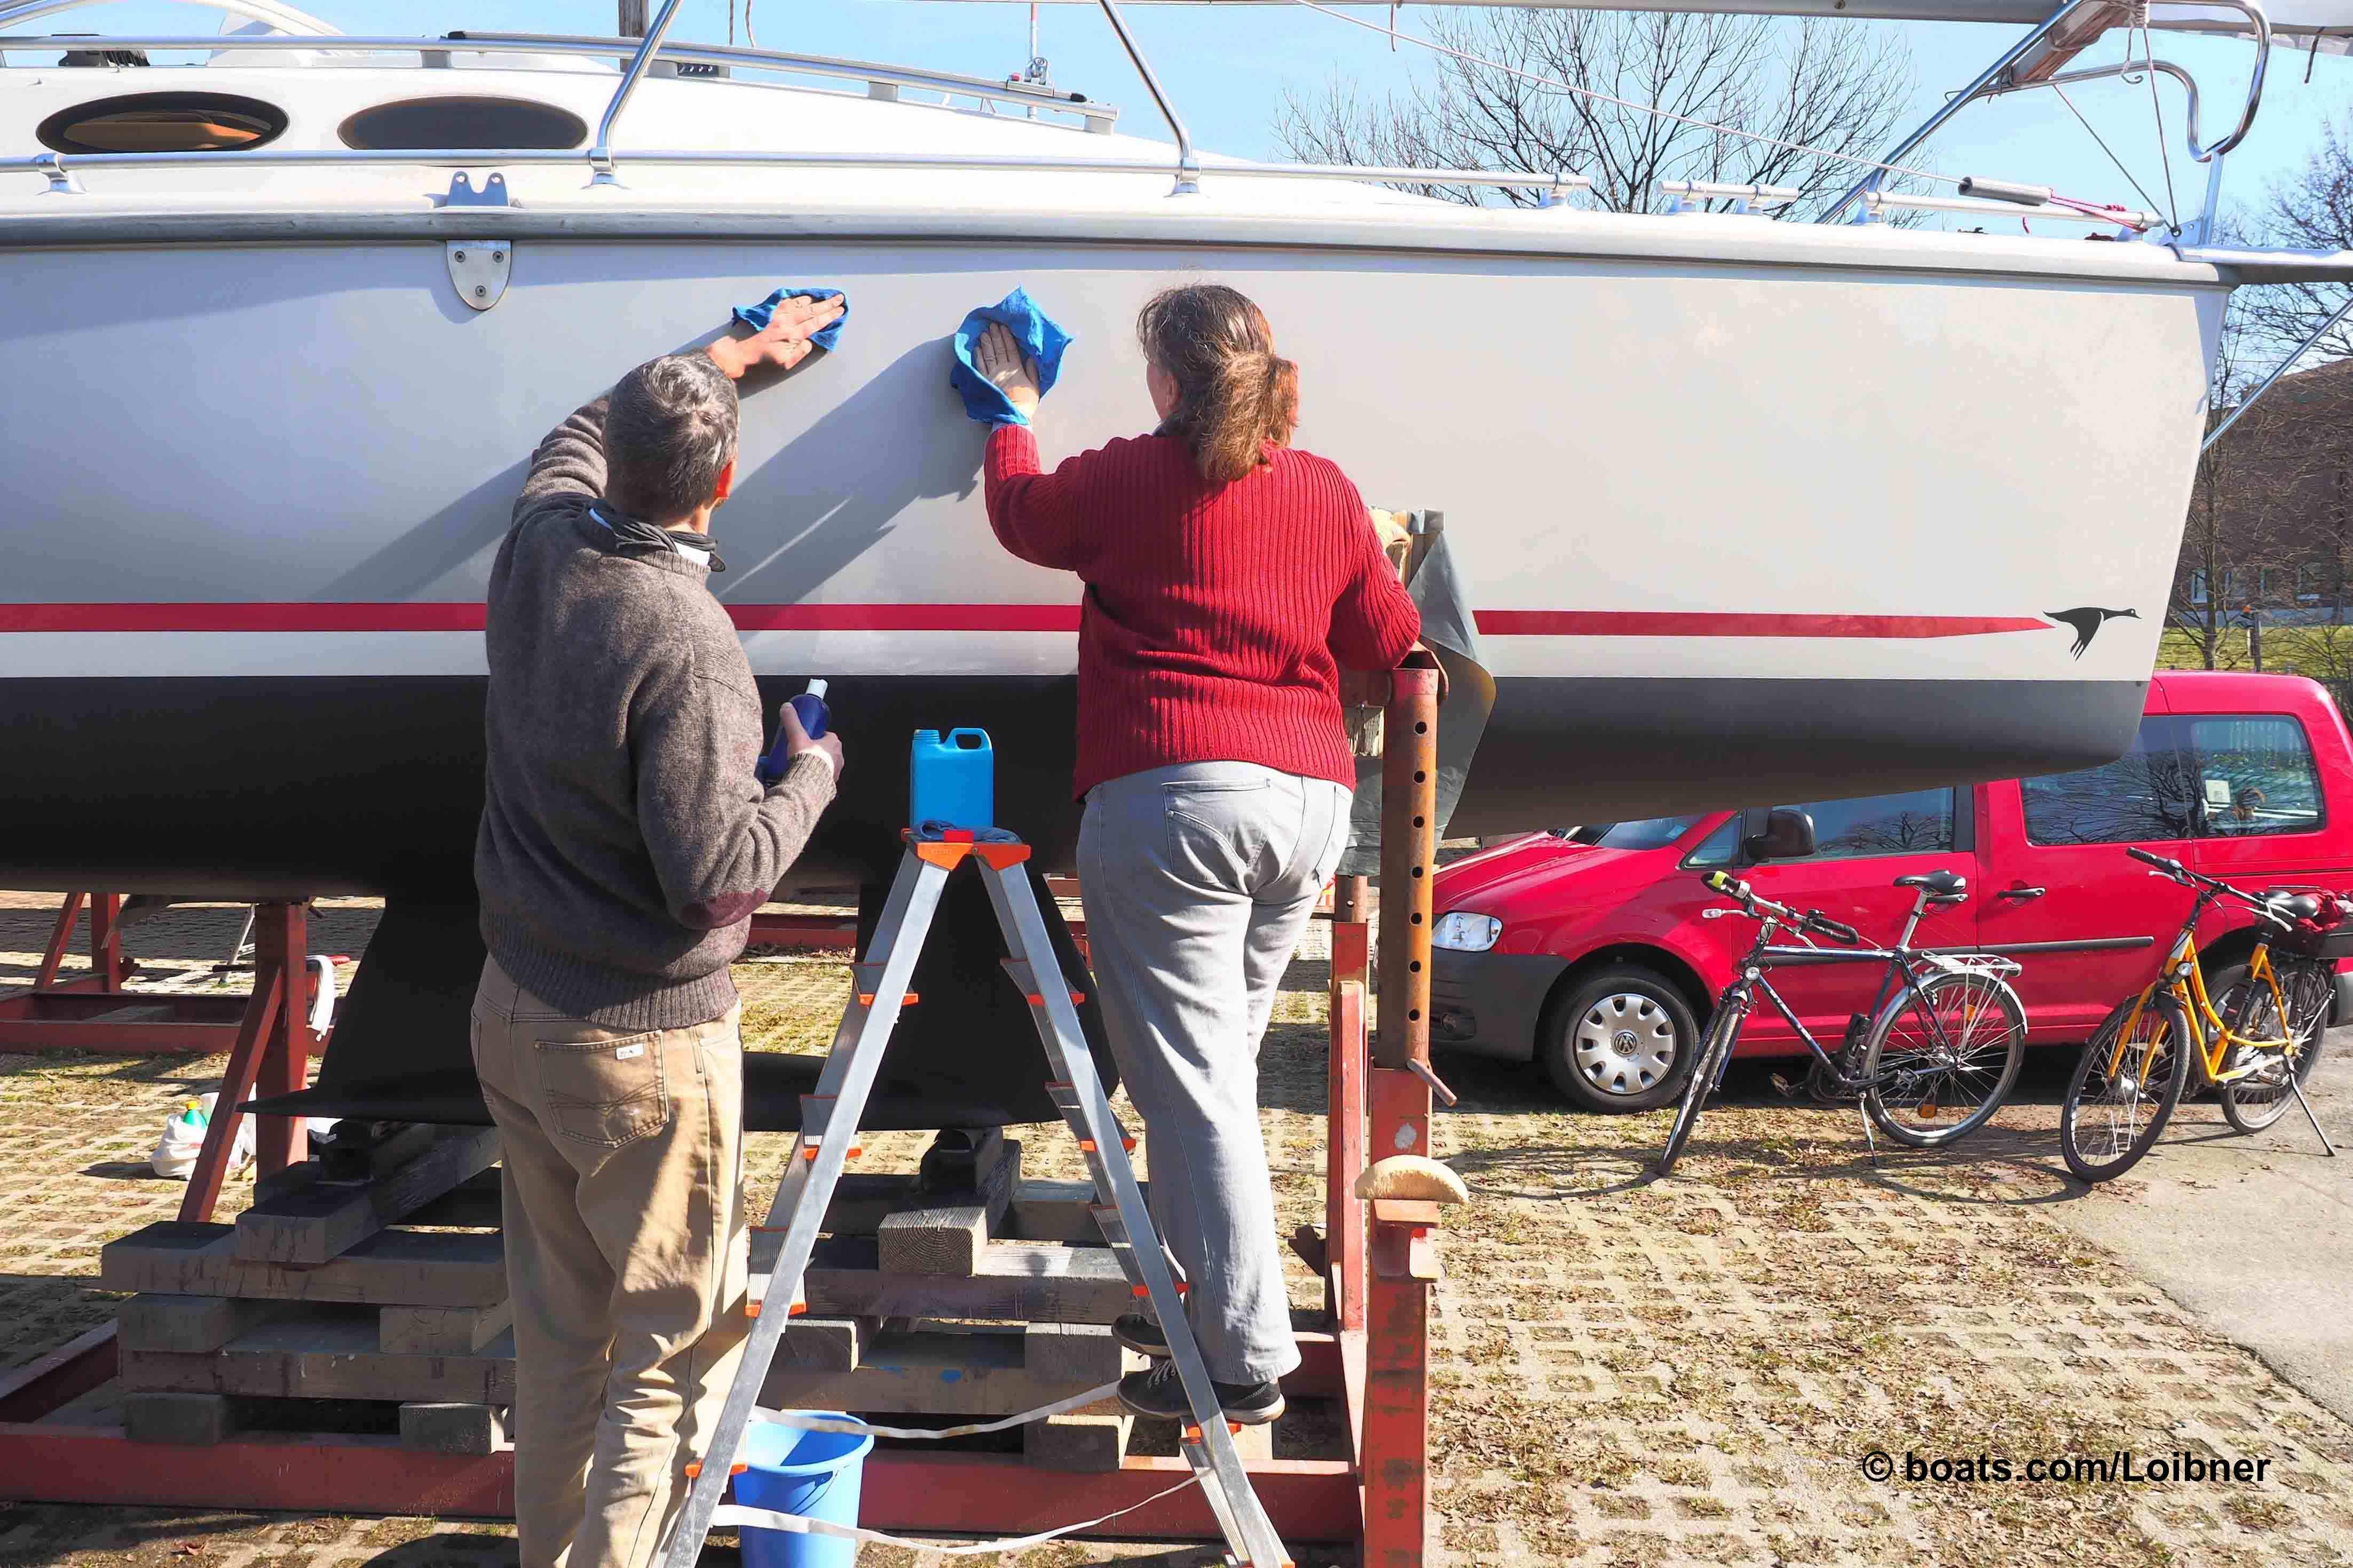 Teamwork hilft beim fachgerechten Auftragen und Polieren von Gelcoat-Oberflächen.  Foto: boats.com/Loibner